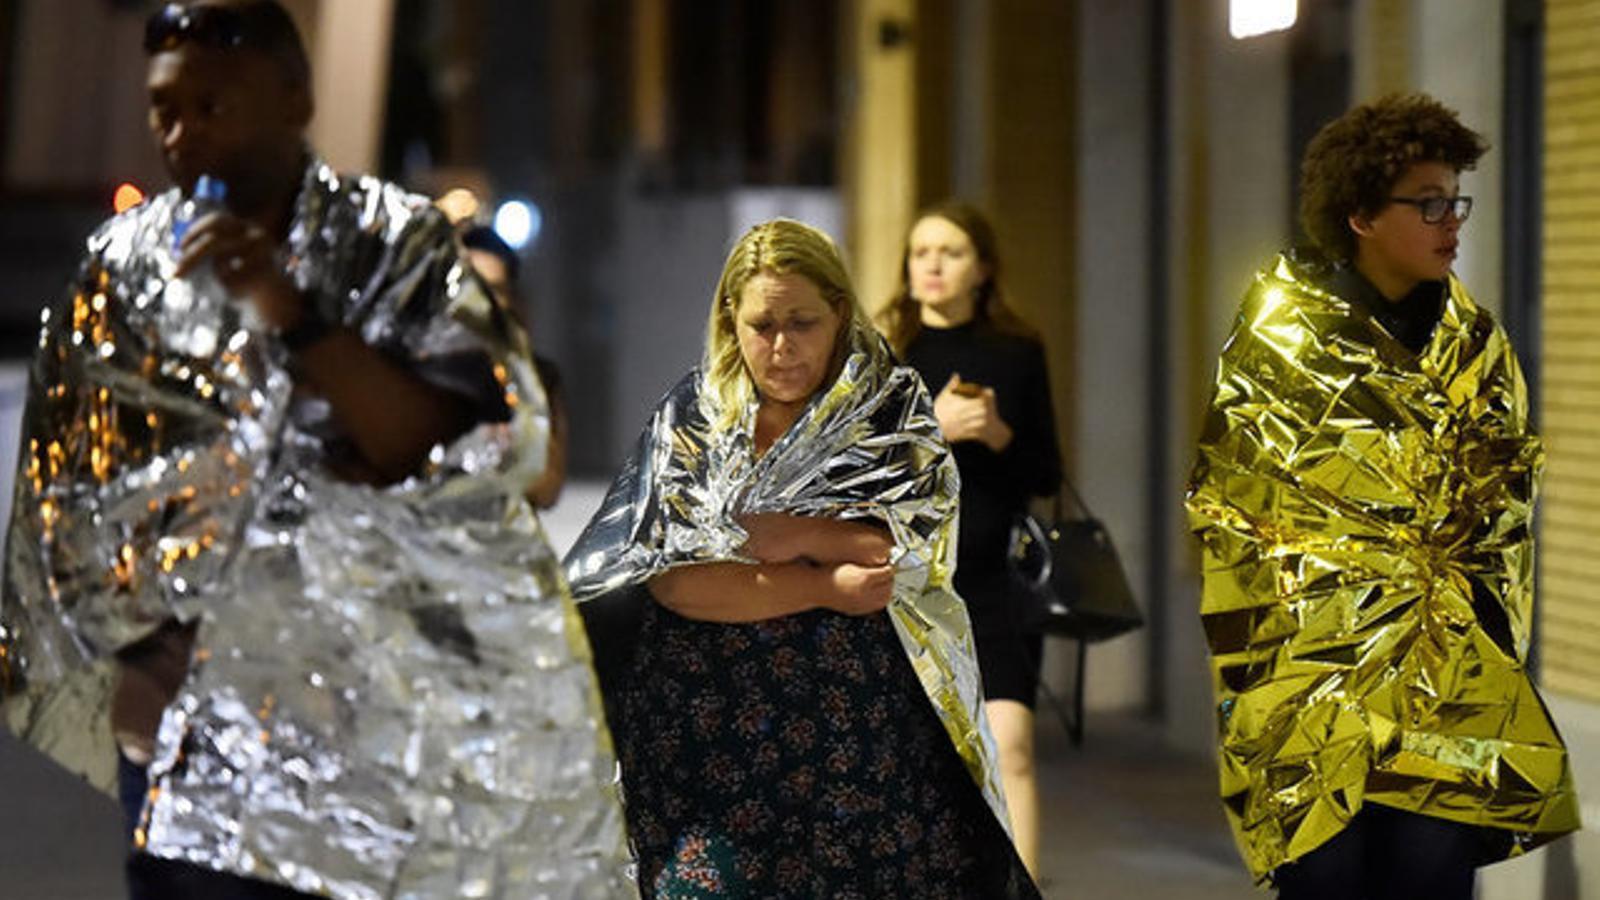 Tres joves abandonen la zona afectada coberts amb mantes tèrmiques. / HANNAH MCKAY / REUTERS